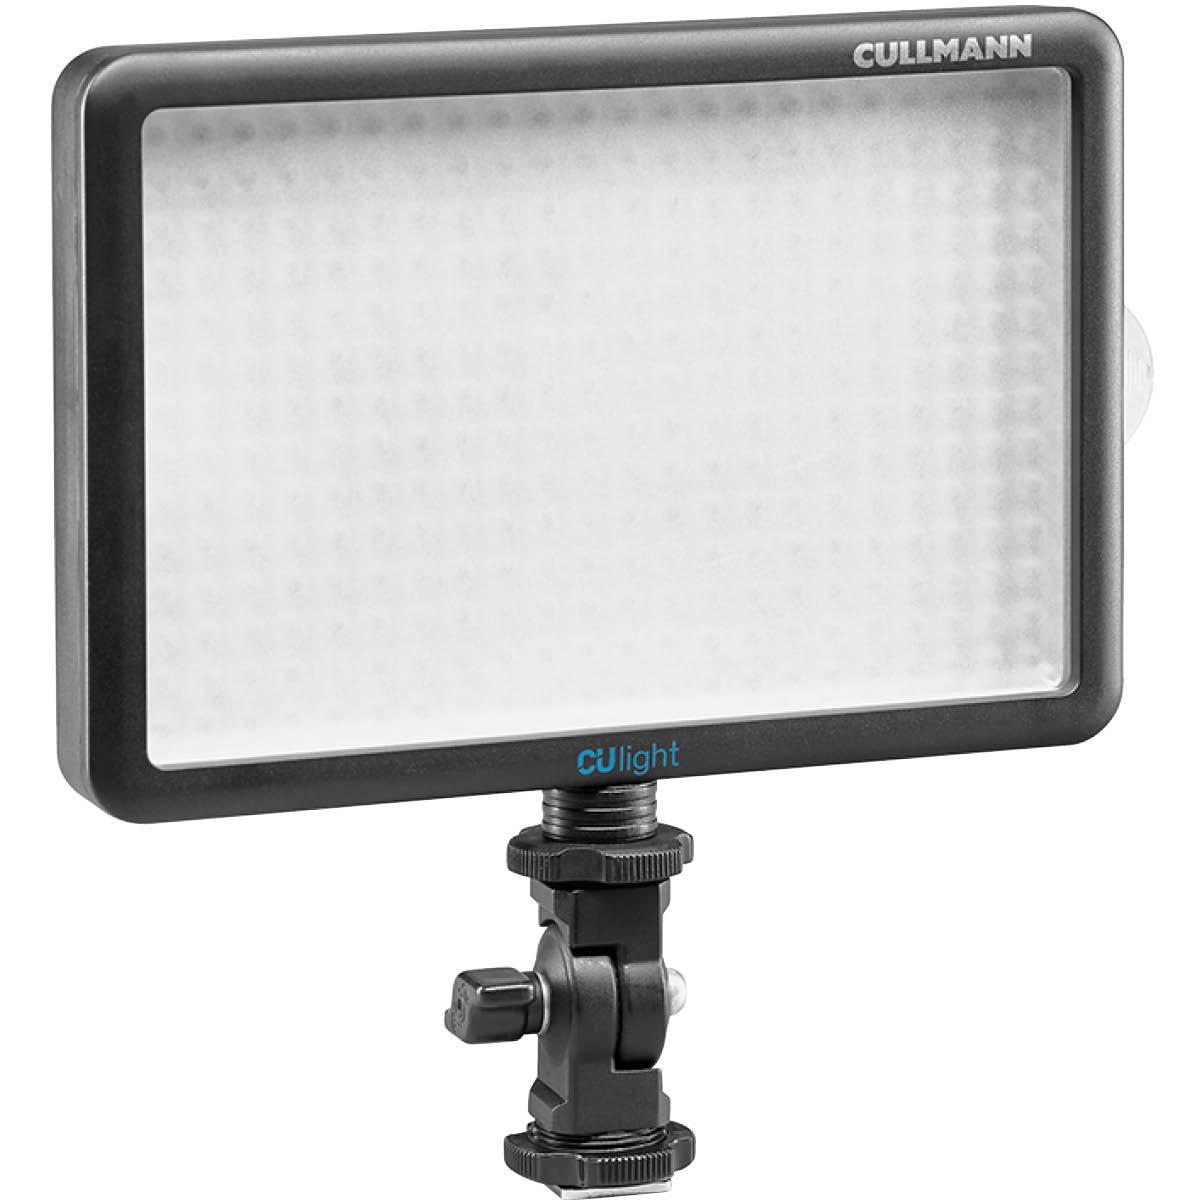 Cullmann CUlight VR 860 BC LED-Leuchte